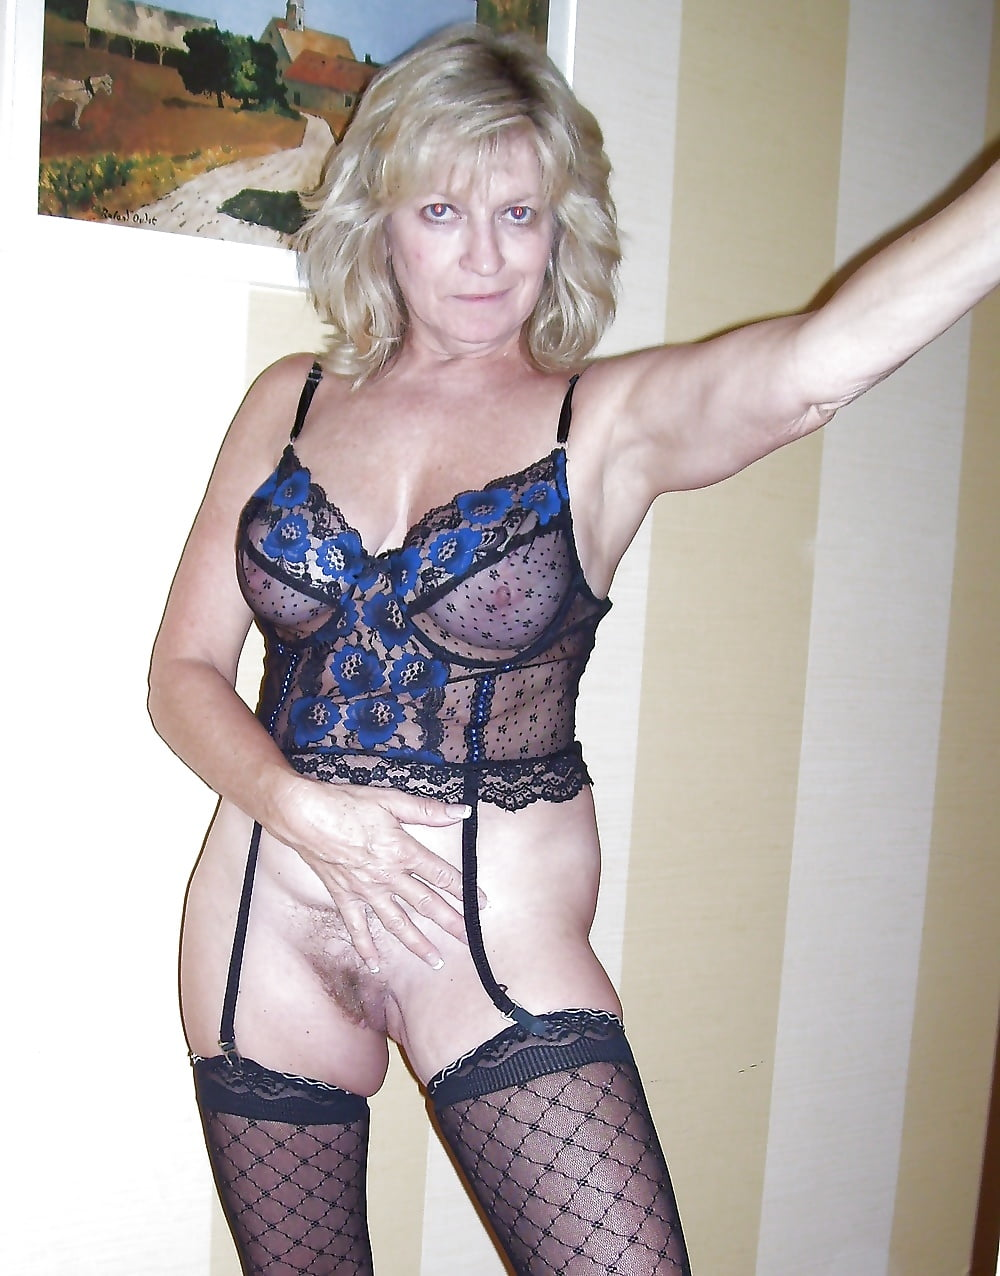 вас любительское порно с женщинами среднего возраста в нижнем белье главный актер